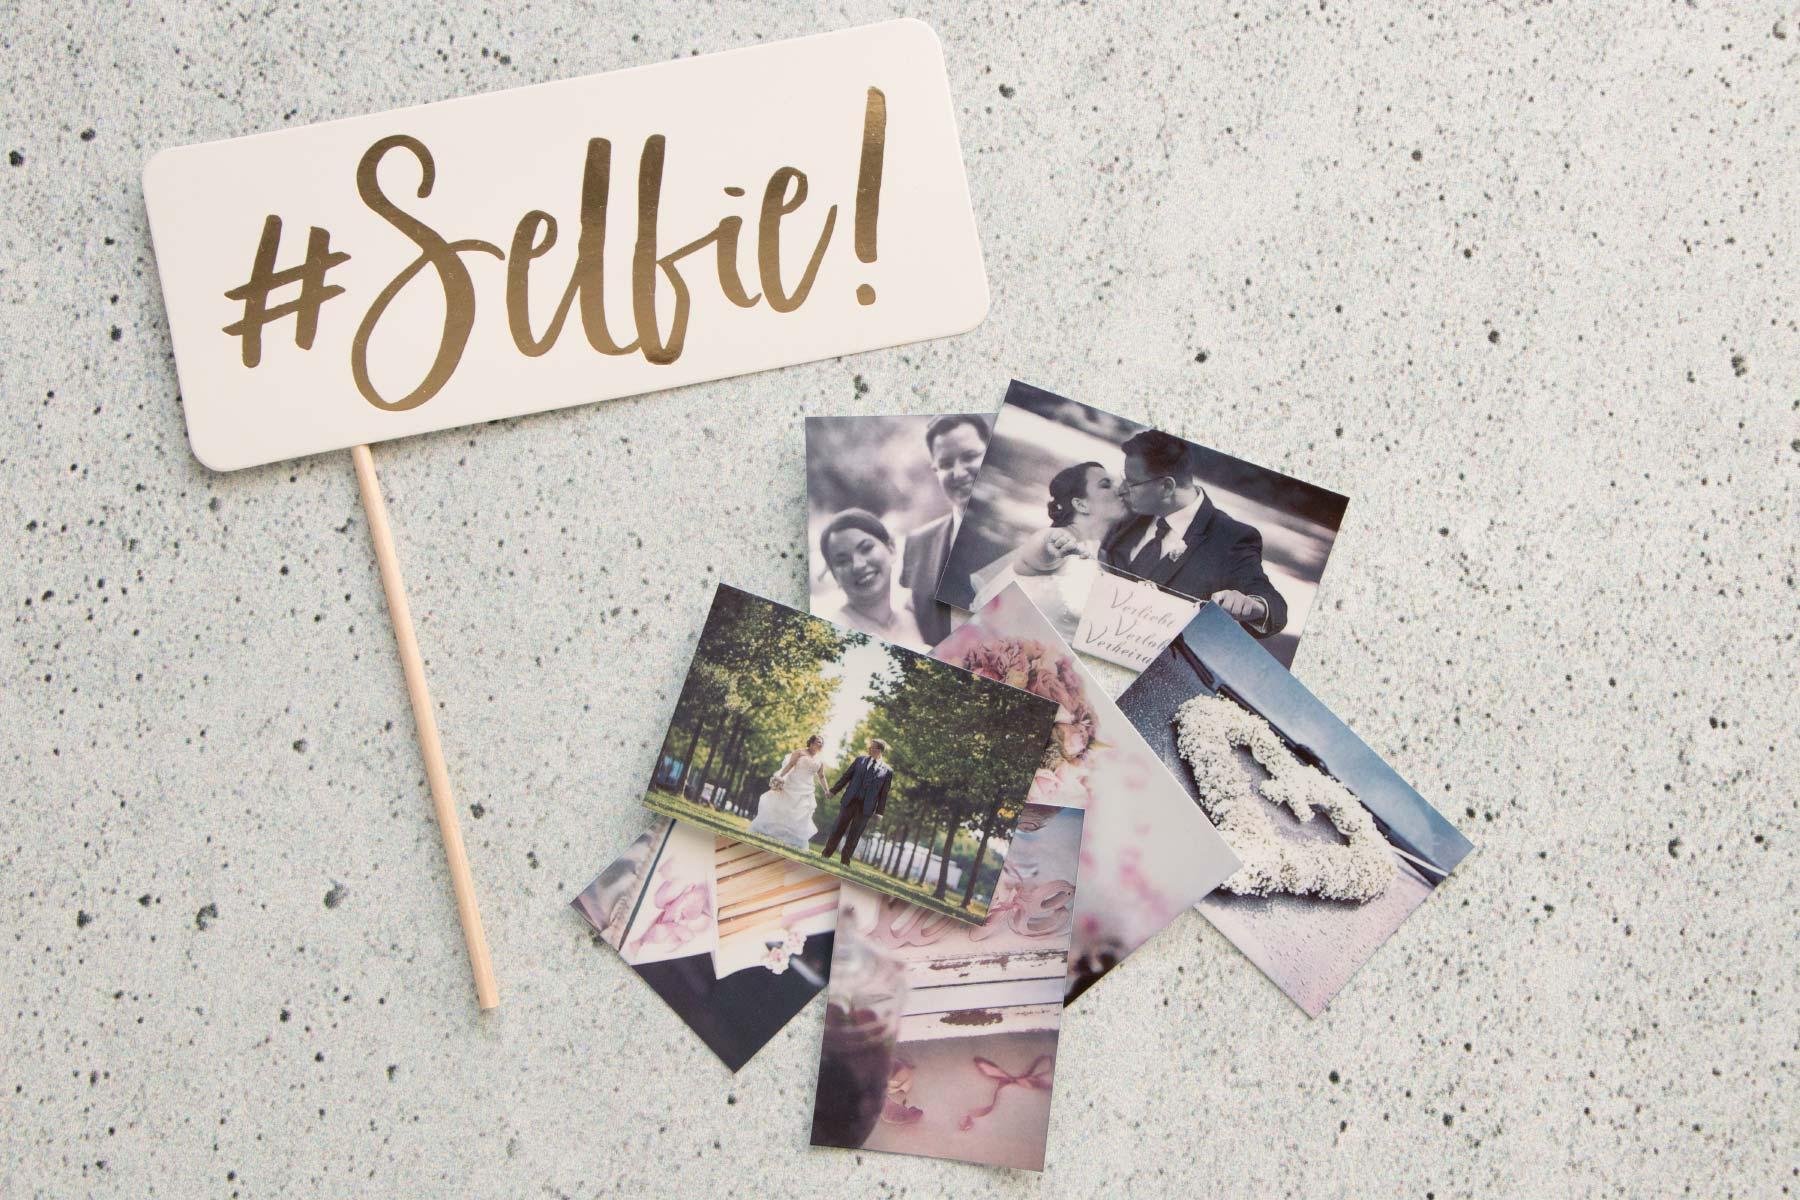 moto z2 play und Polaroid Insta-Share Printer: Ausgedruckte Fotos